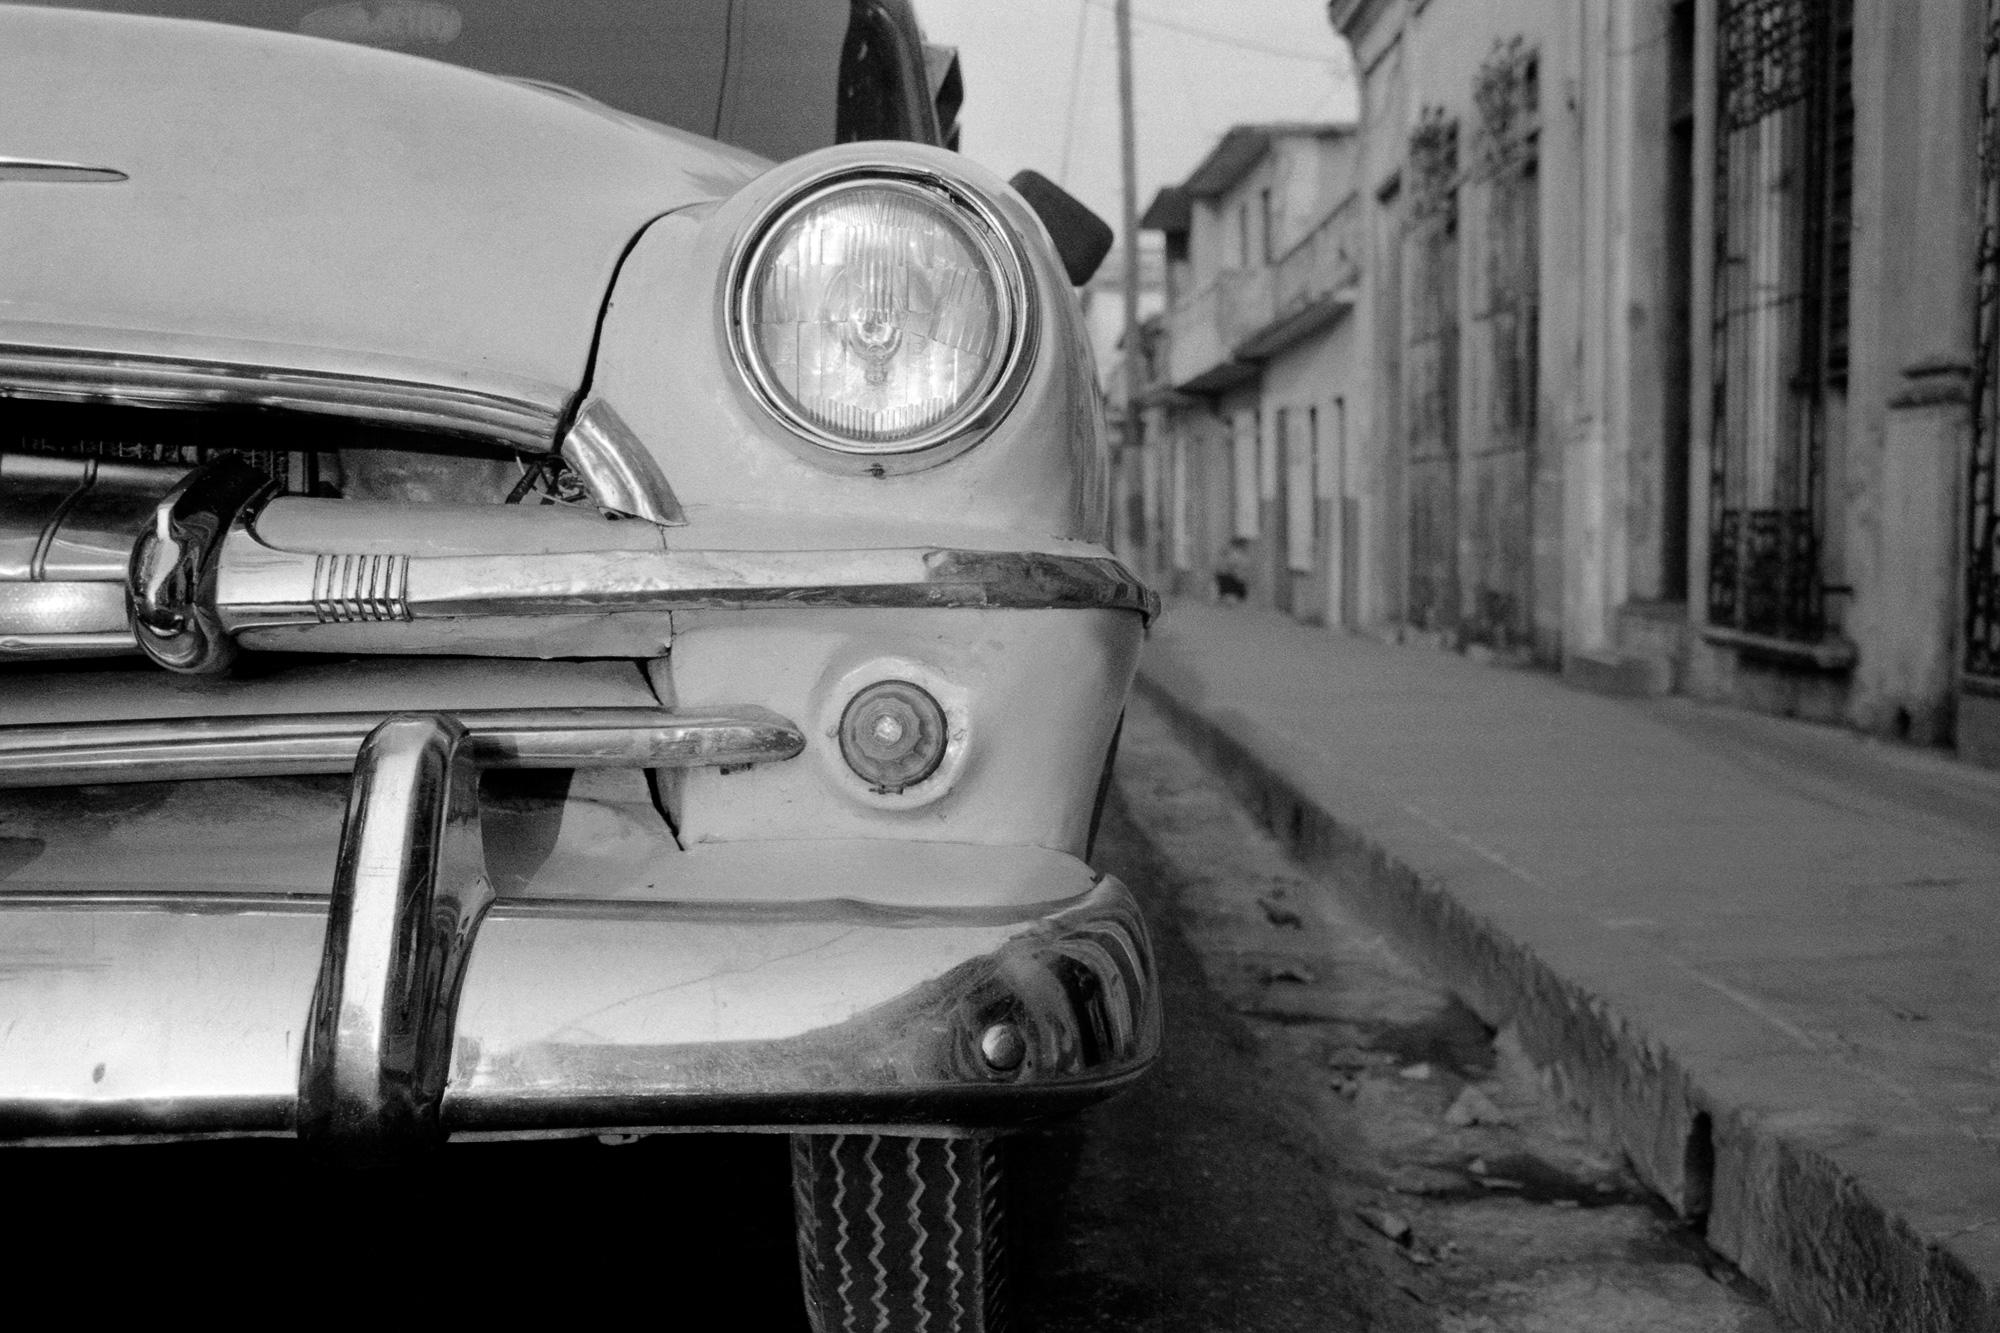 cuba_car_12x8_07.jpg